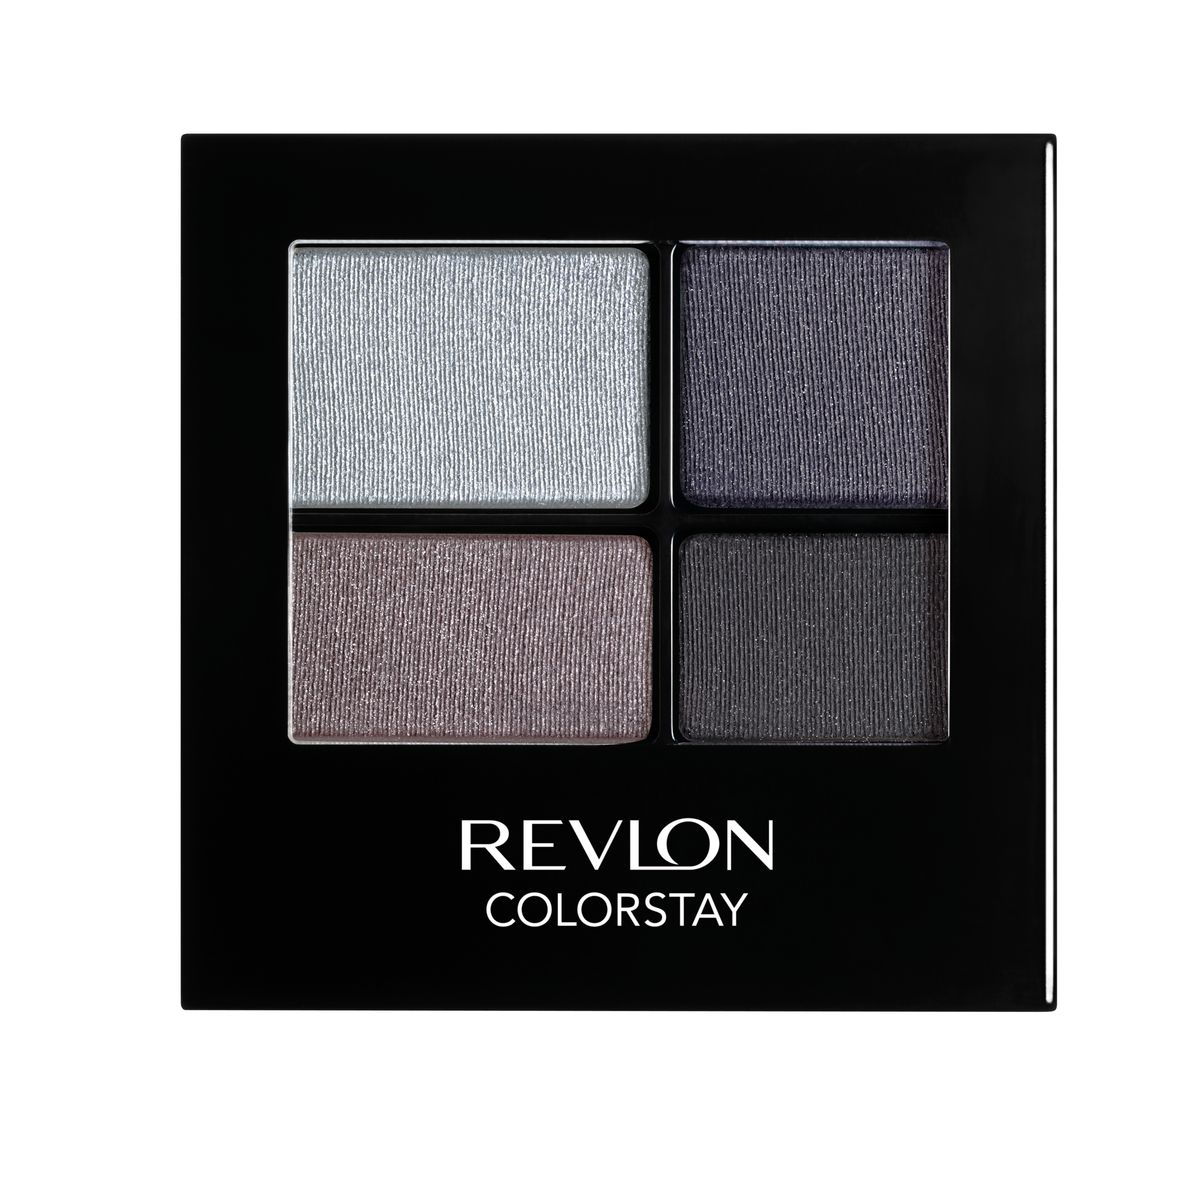 Revlon Тени для Век Четырехцветные Colorstay Eye16 Hour Eye Shadow Quad Siren 525 42 гMP59.3DColorstay 16 Hour Sahdow - роскошные тени для век с шелковистой текстурой и невероятно стойкой формулой. Теперь ваш макияж сохранит свой безупречный вид не менее 16 часов! Все оттенки гармонично сочетаются друг с другом и легко смешиваются, позволяя создать бесконечное количество вариантов макияжа глаз: от нежных, естественных, едва заметных, до ярких, выразительных, драматических. На оборотной стороне продукта приведена схема нанесения.Аккуратно нанести на веки специальной кисточкой.